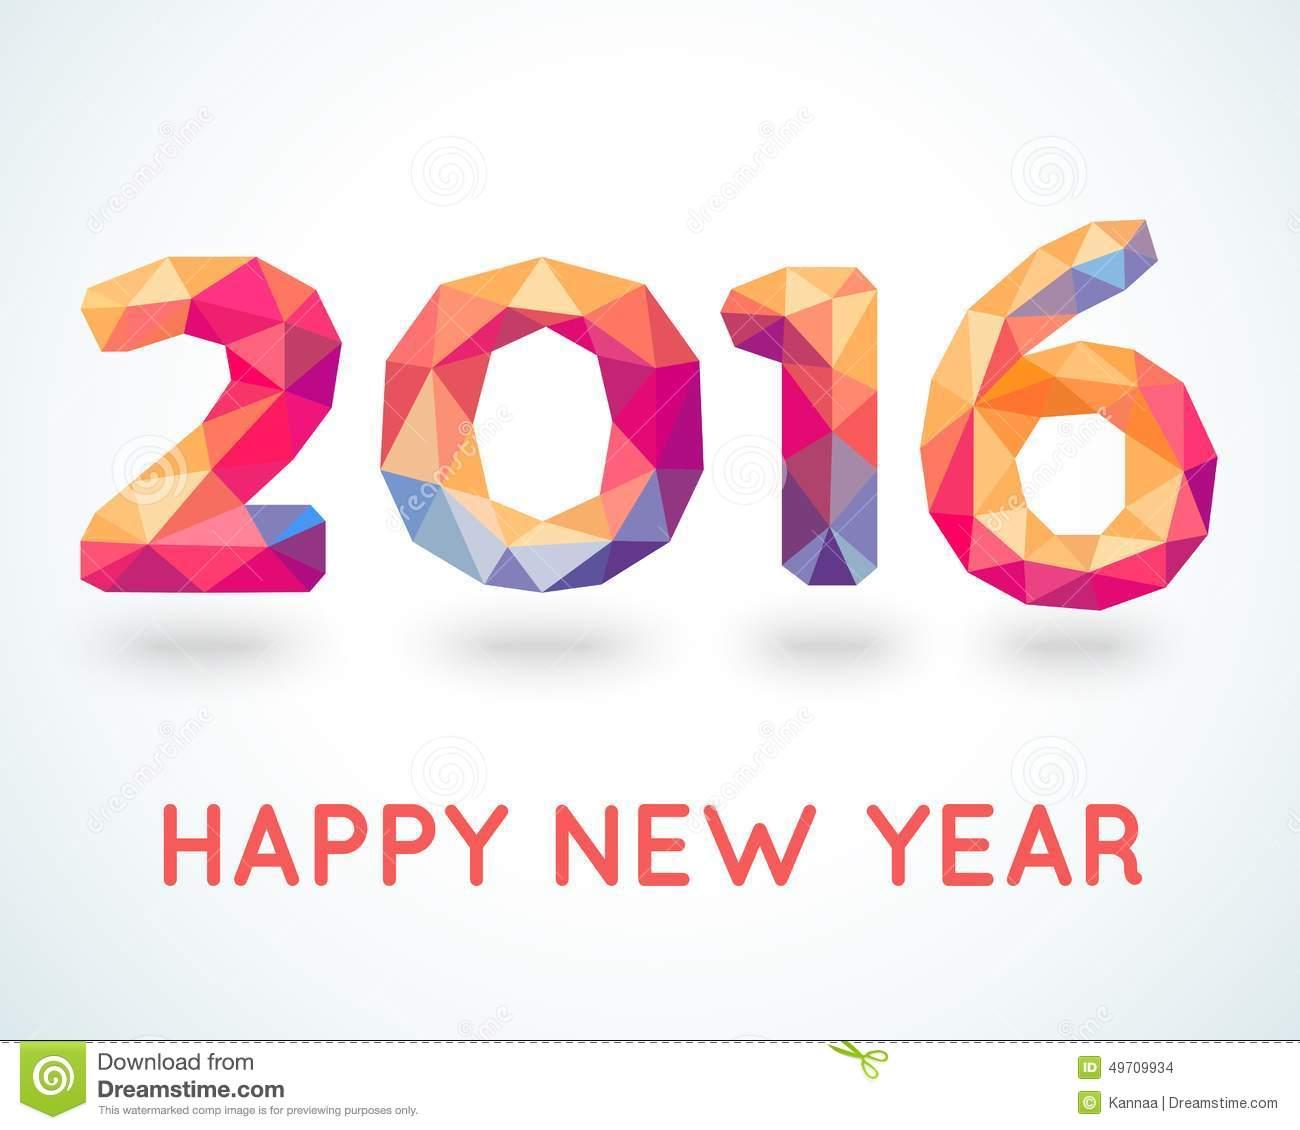 صور مكتوب عليها سنة 2016 العام الجديد اتش دي